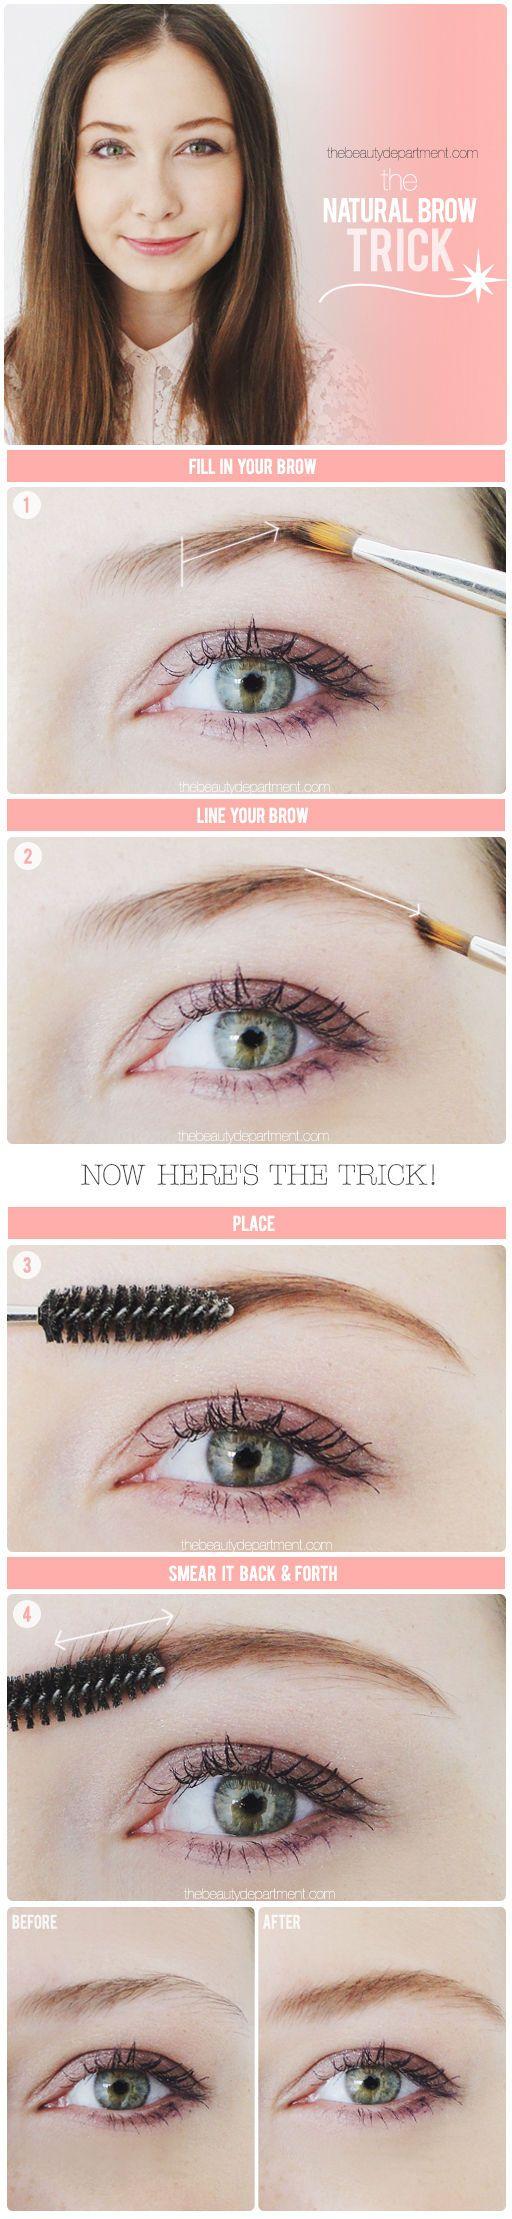 natural brow trick